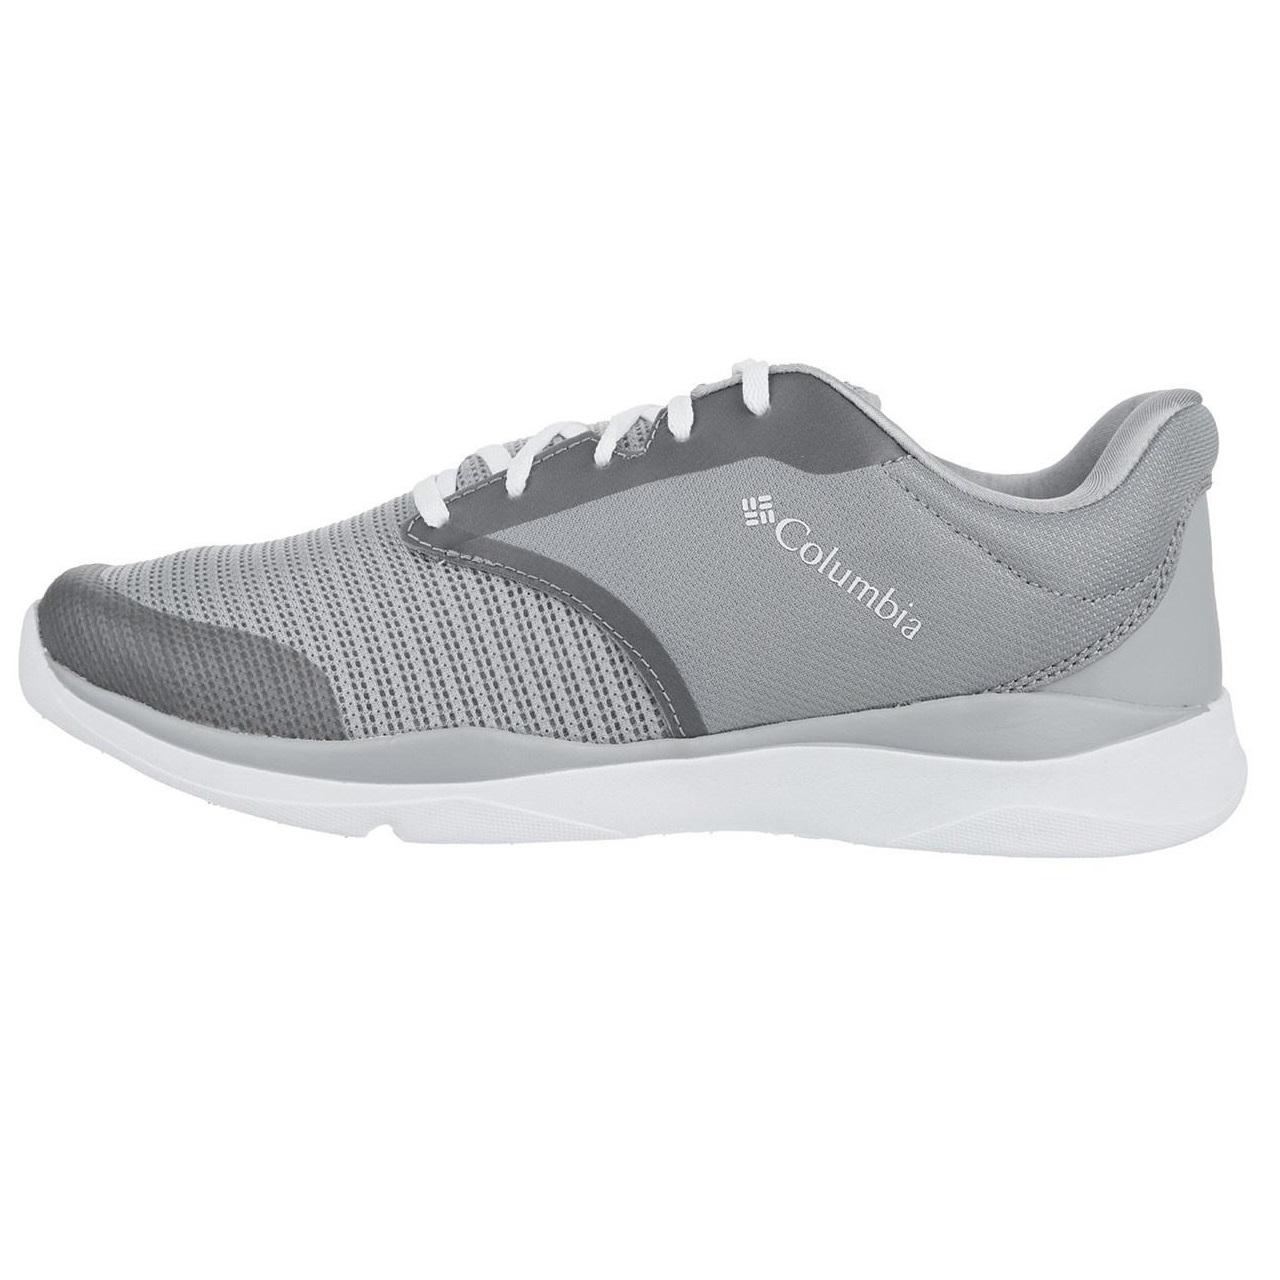 کفش مخصوص دویدن مردانه کلمبیا مدل Bm2766-08